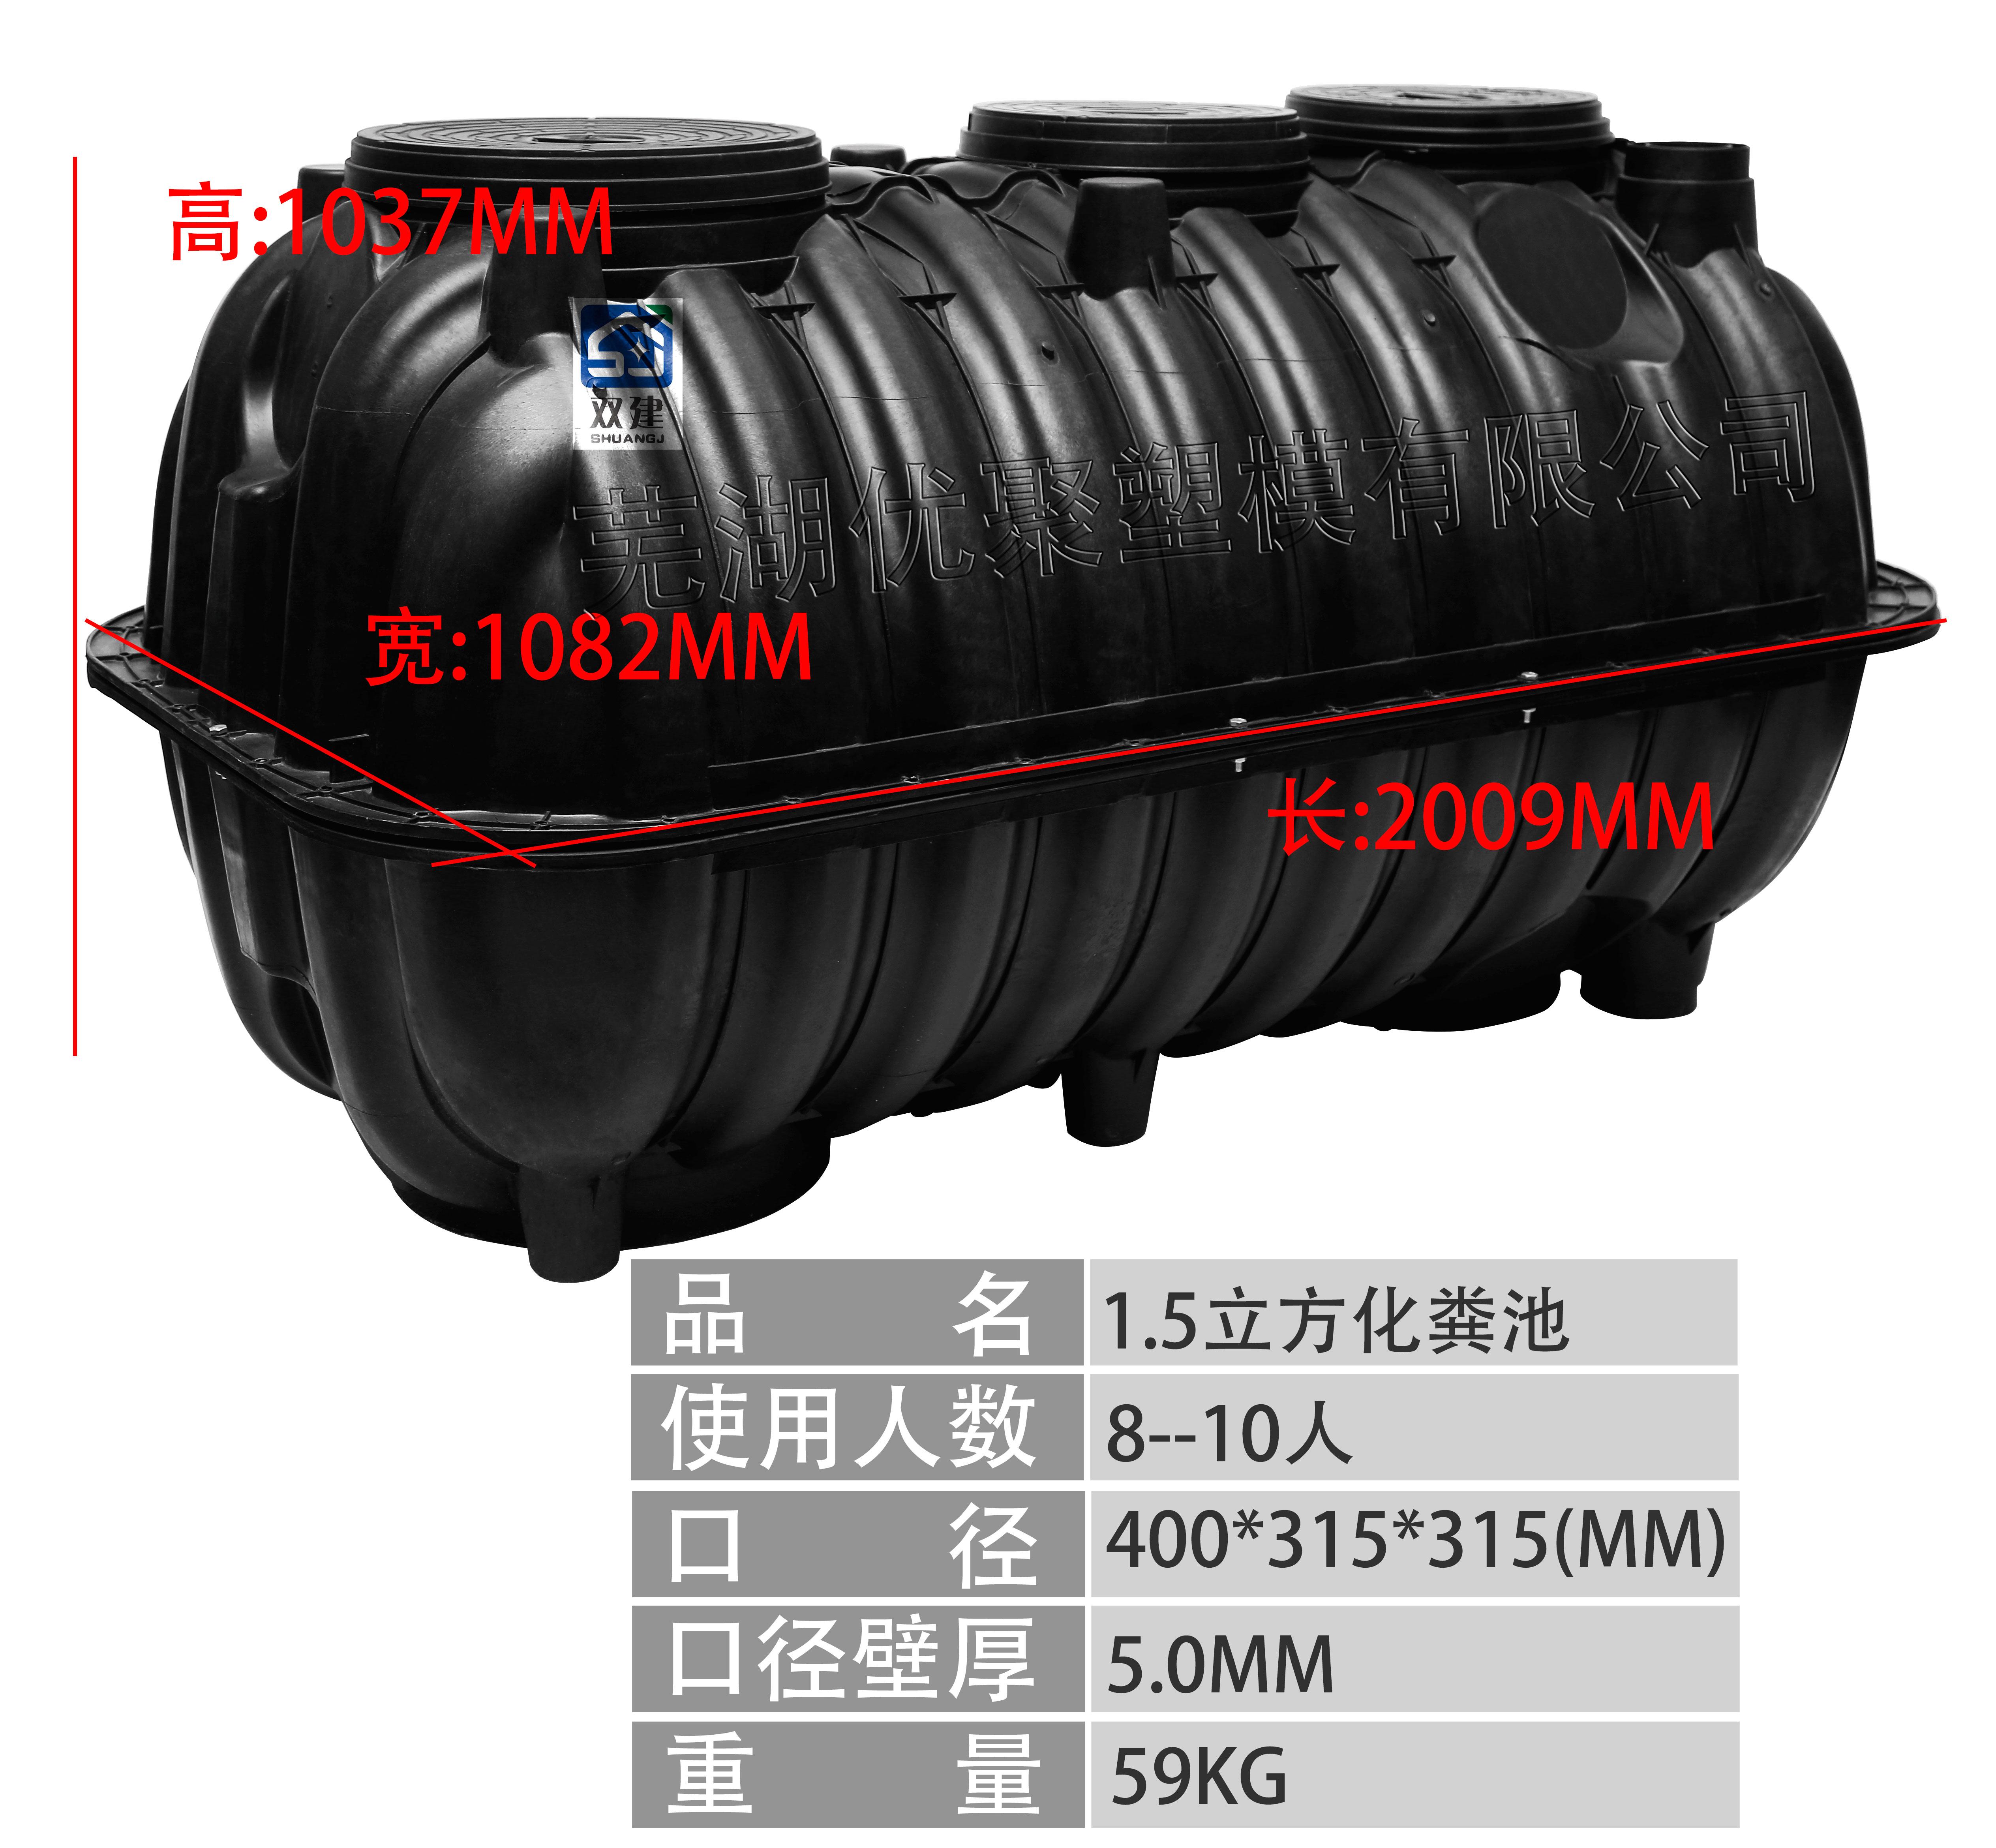 化粪池位置_名称:新款1.5P5mm化粪池